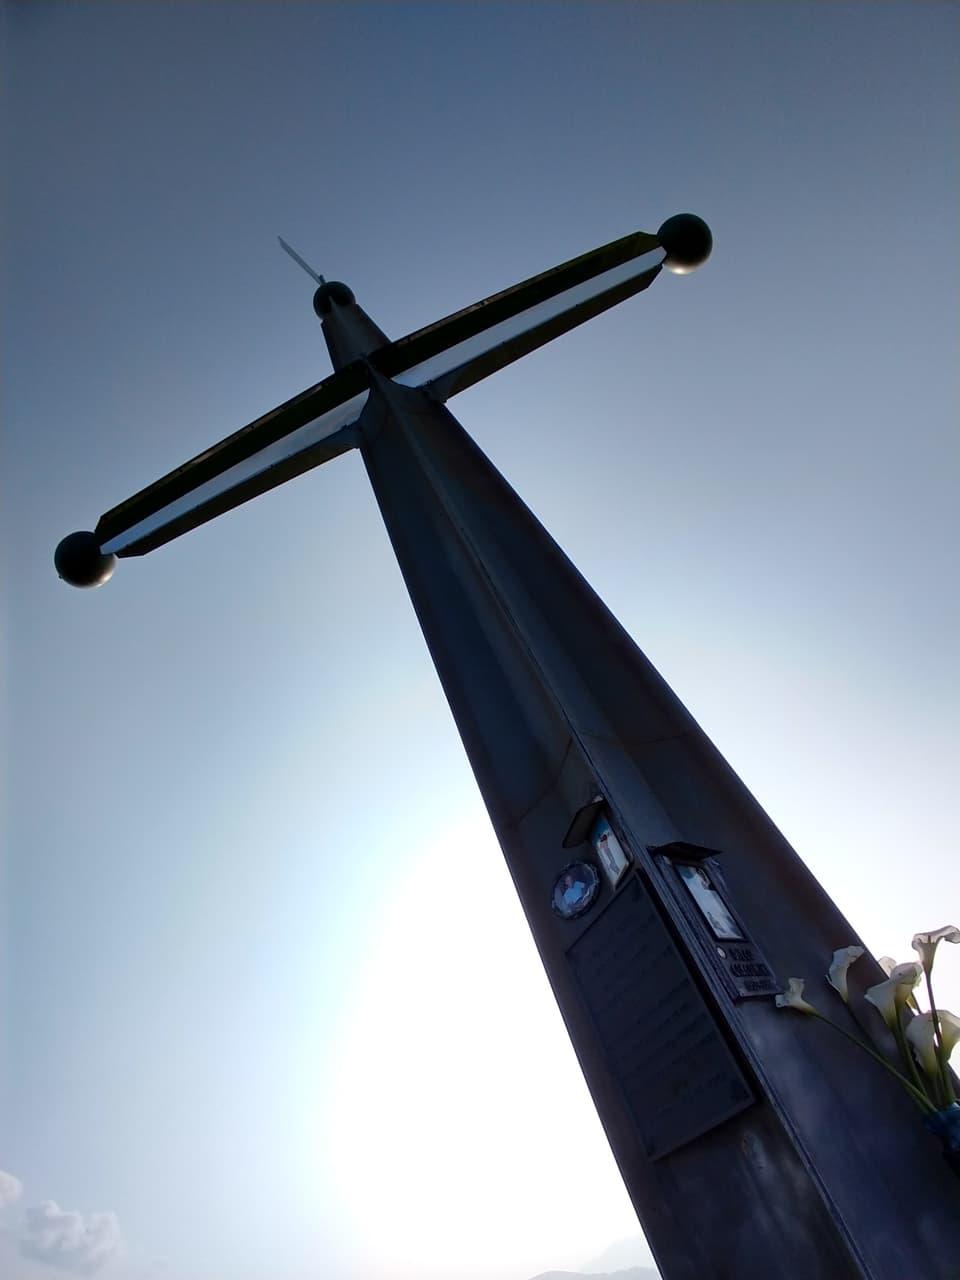 Rimango impressionato dalla dimensione di questa Croce e dalla sua maestosità